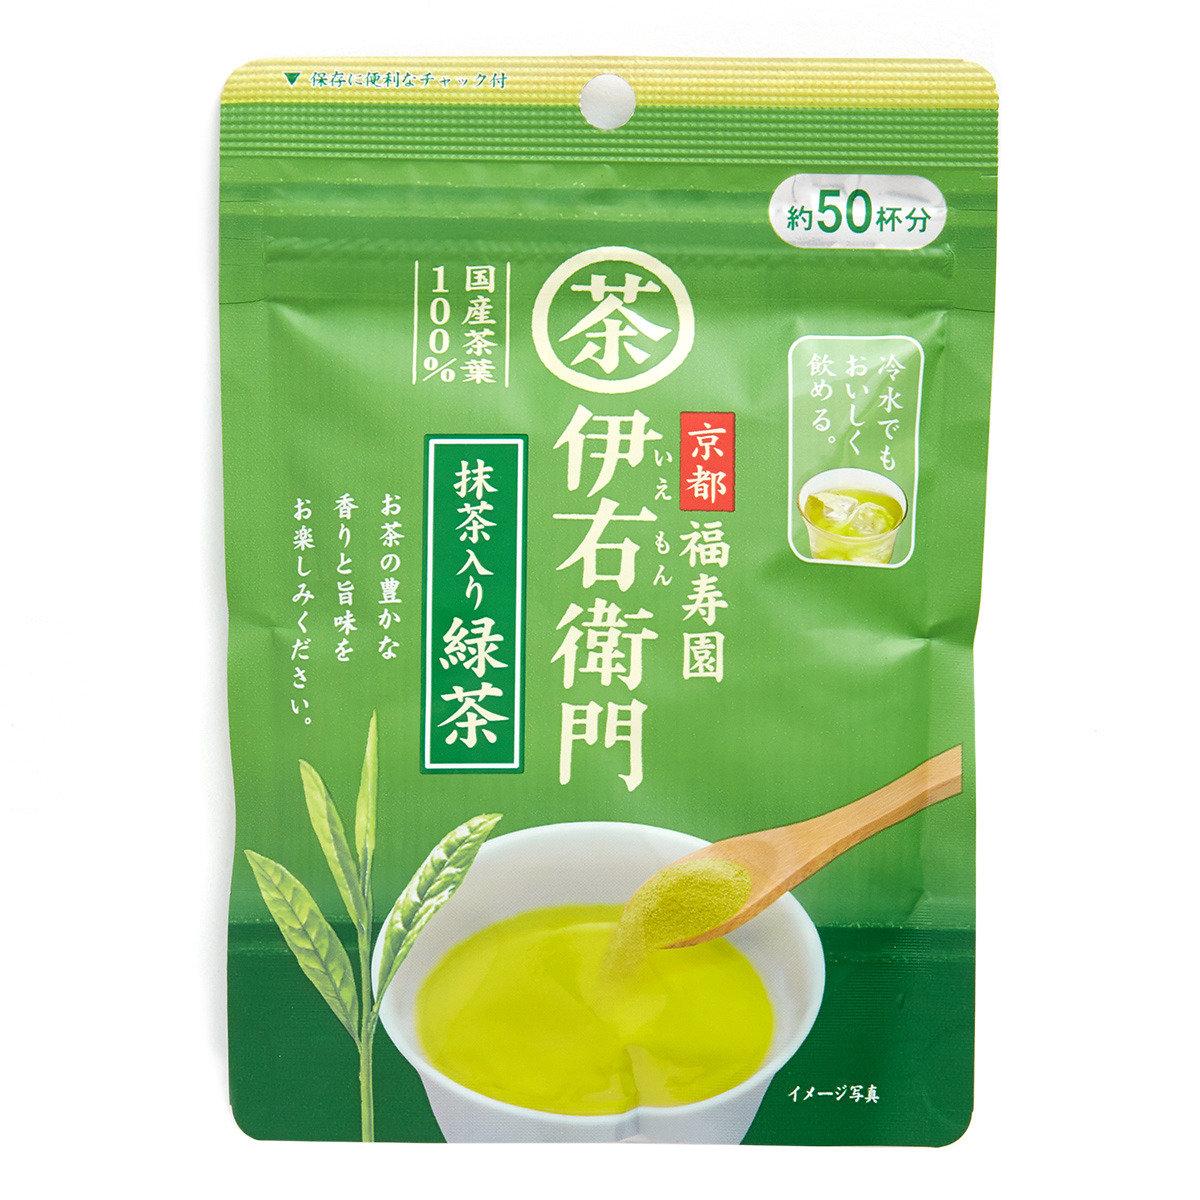 伊右衛門綠茶粉 (抹茶入)